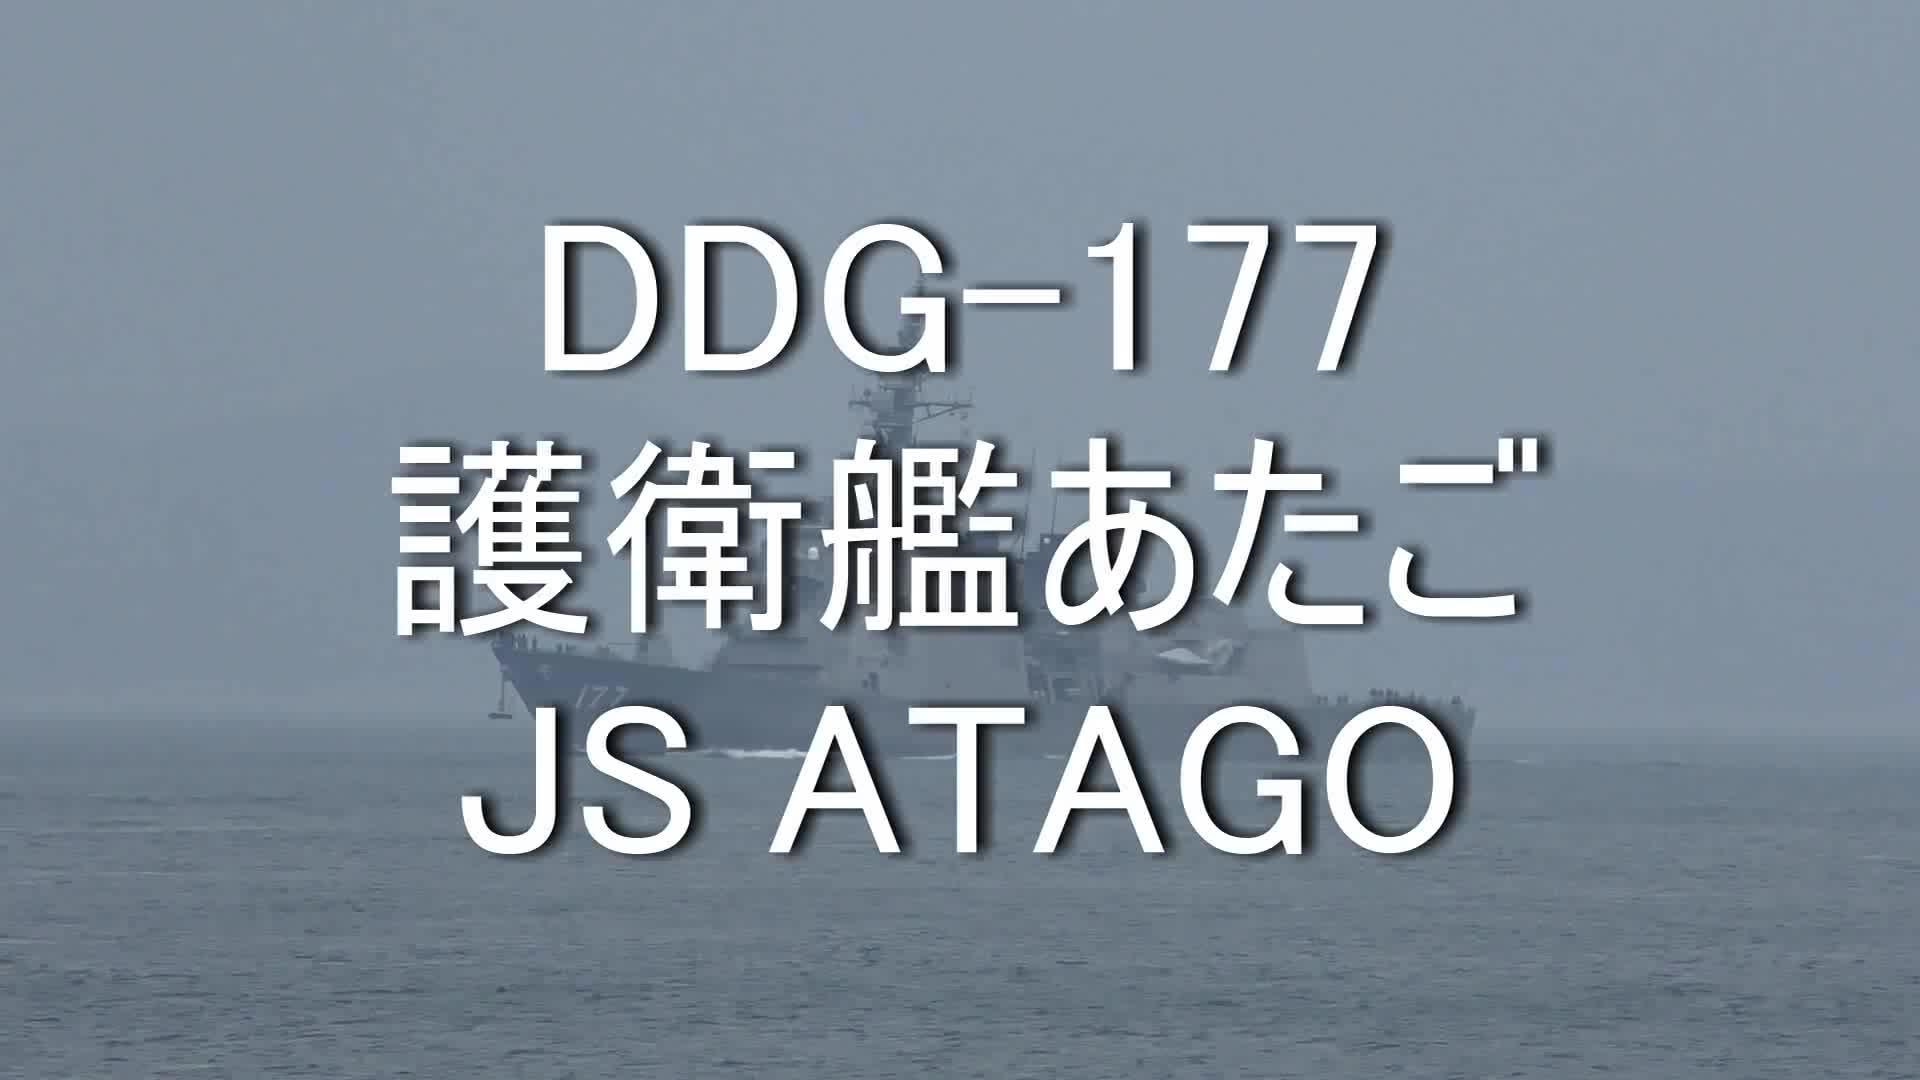 海上自衛隊護衛艦あたご関門西航ddg 177 爱宕 哔哩哔哩 つロ干杯